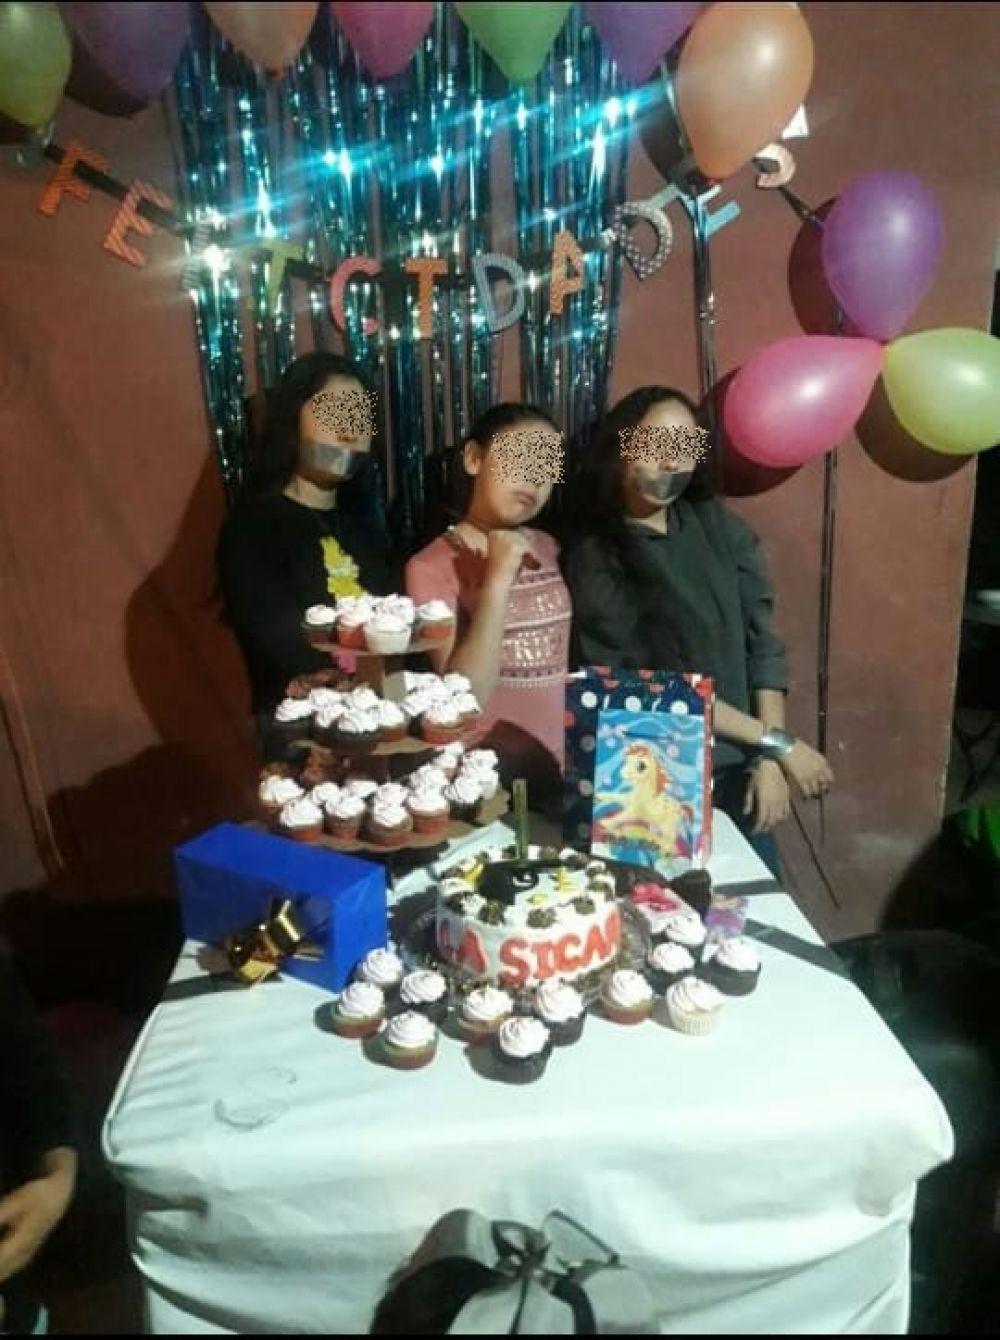 La Sicaria, niña festeja su cumpleaños con temática de narcotráfico